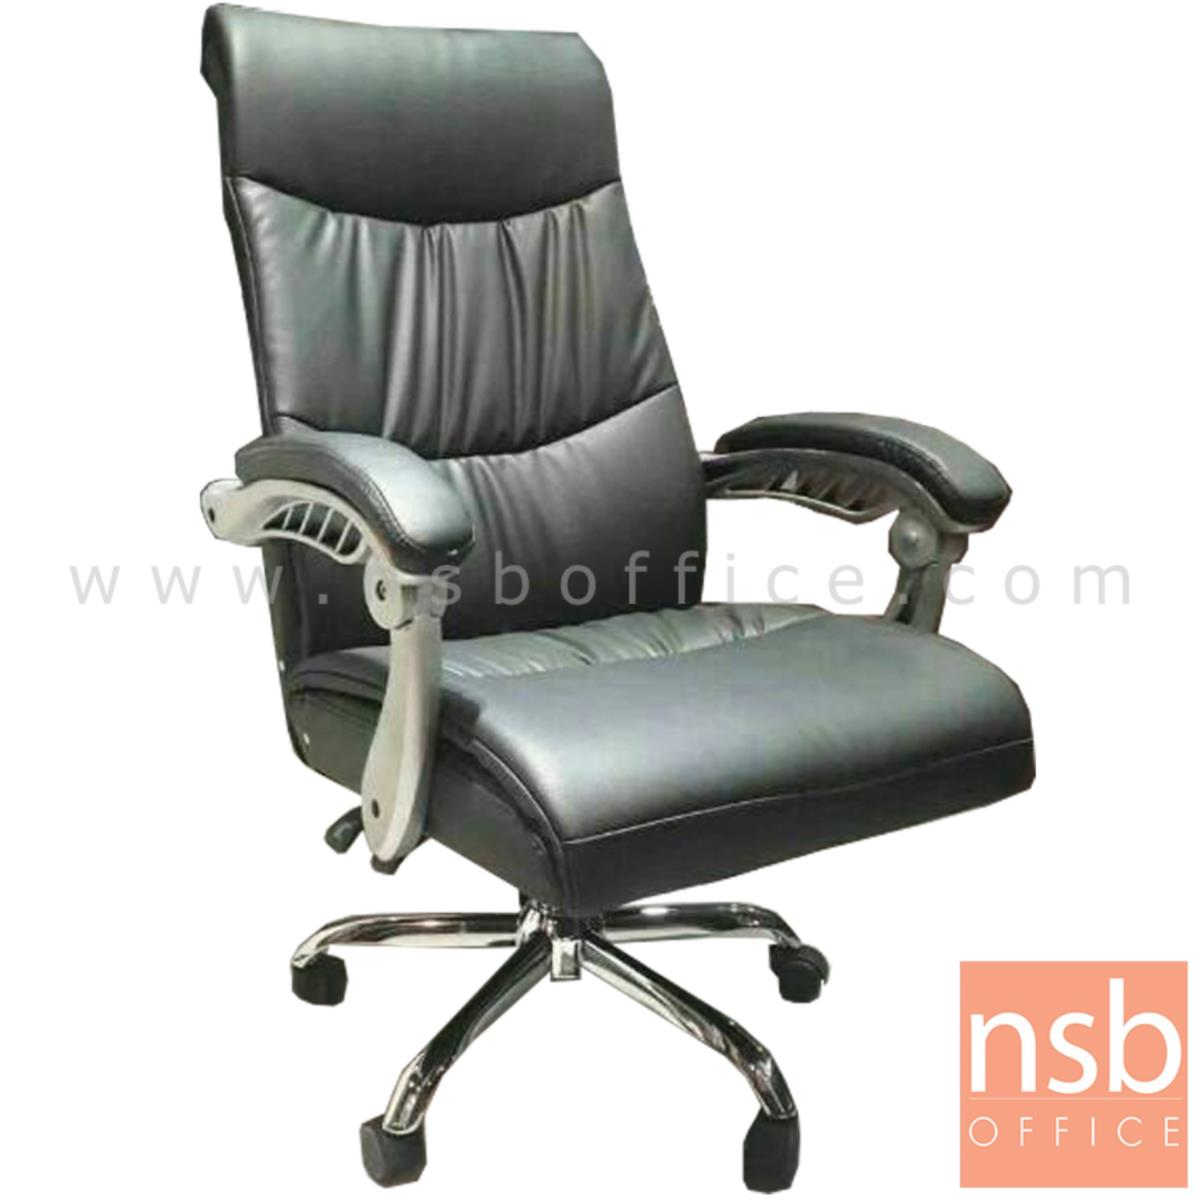 B01A494:เก้าอี้ผู้บริหาร รุ่น Doors (ดอส์)  โช๊คแก๊ส ขาเหล็กชุบโครเมี่ยม